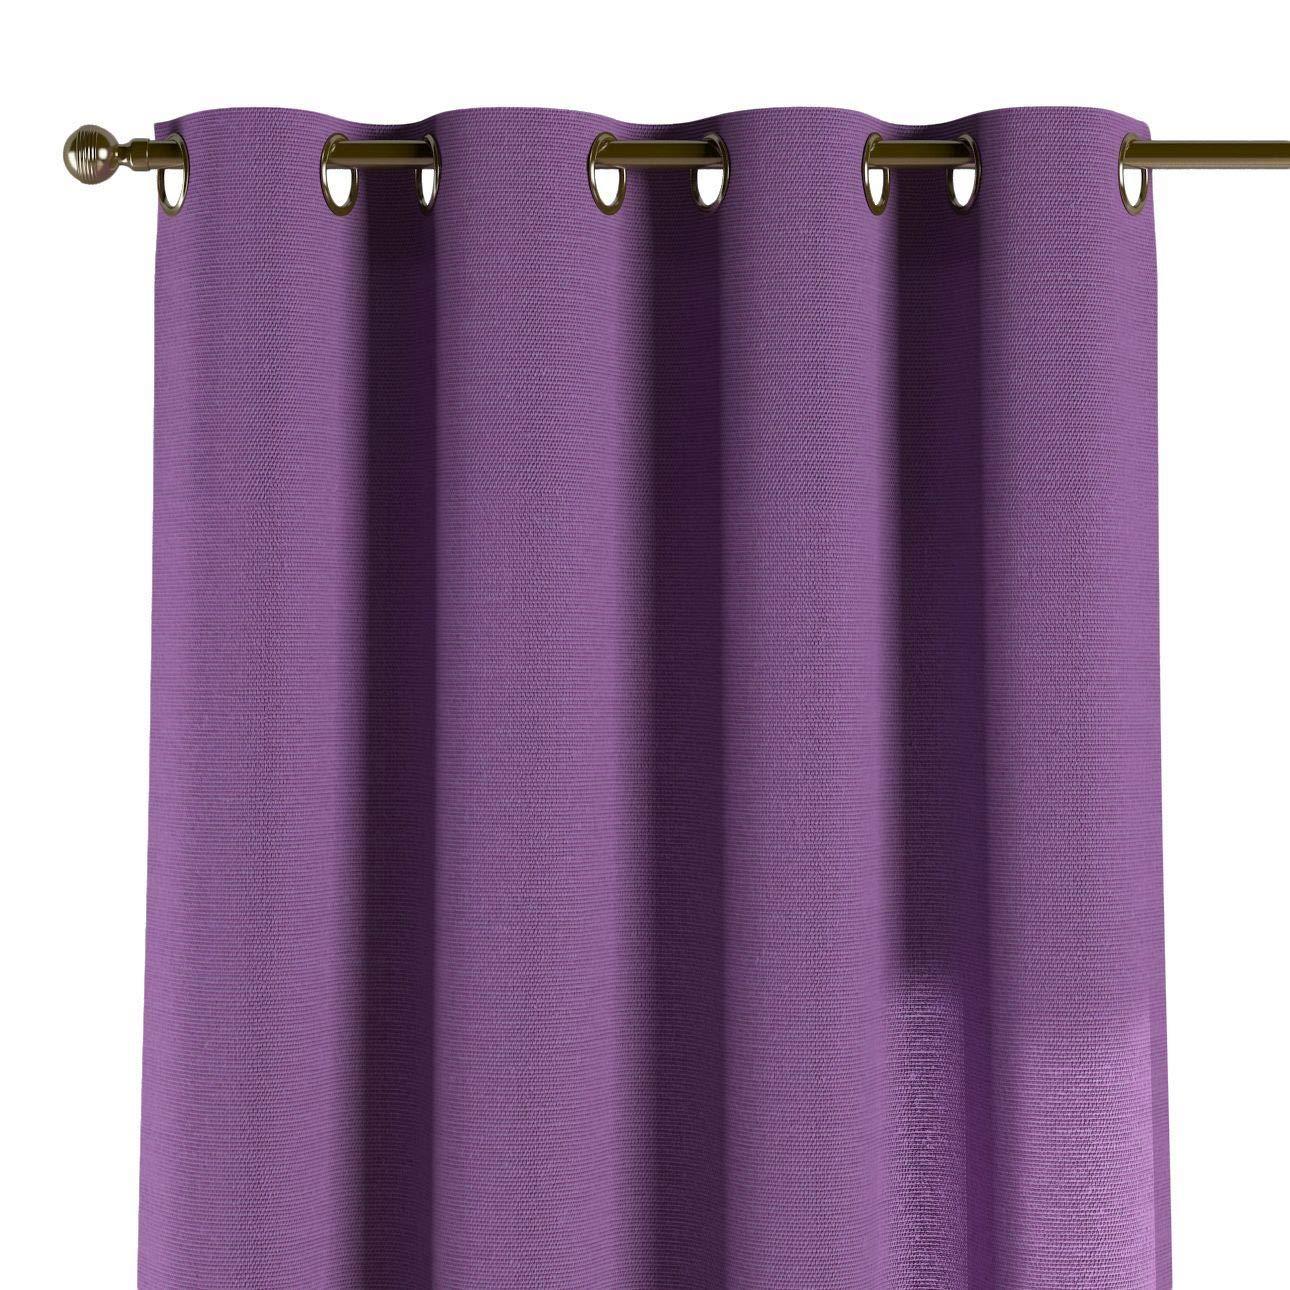 Dekoria Ösenschal Dekoschal Blickdicht 1 Stck. 130 × 260 cm violett Maßanfertigung möglich